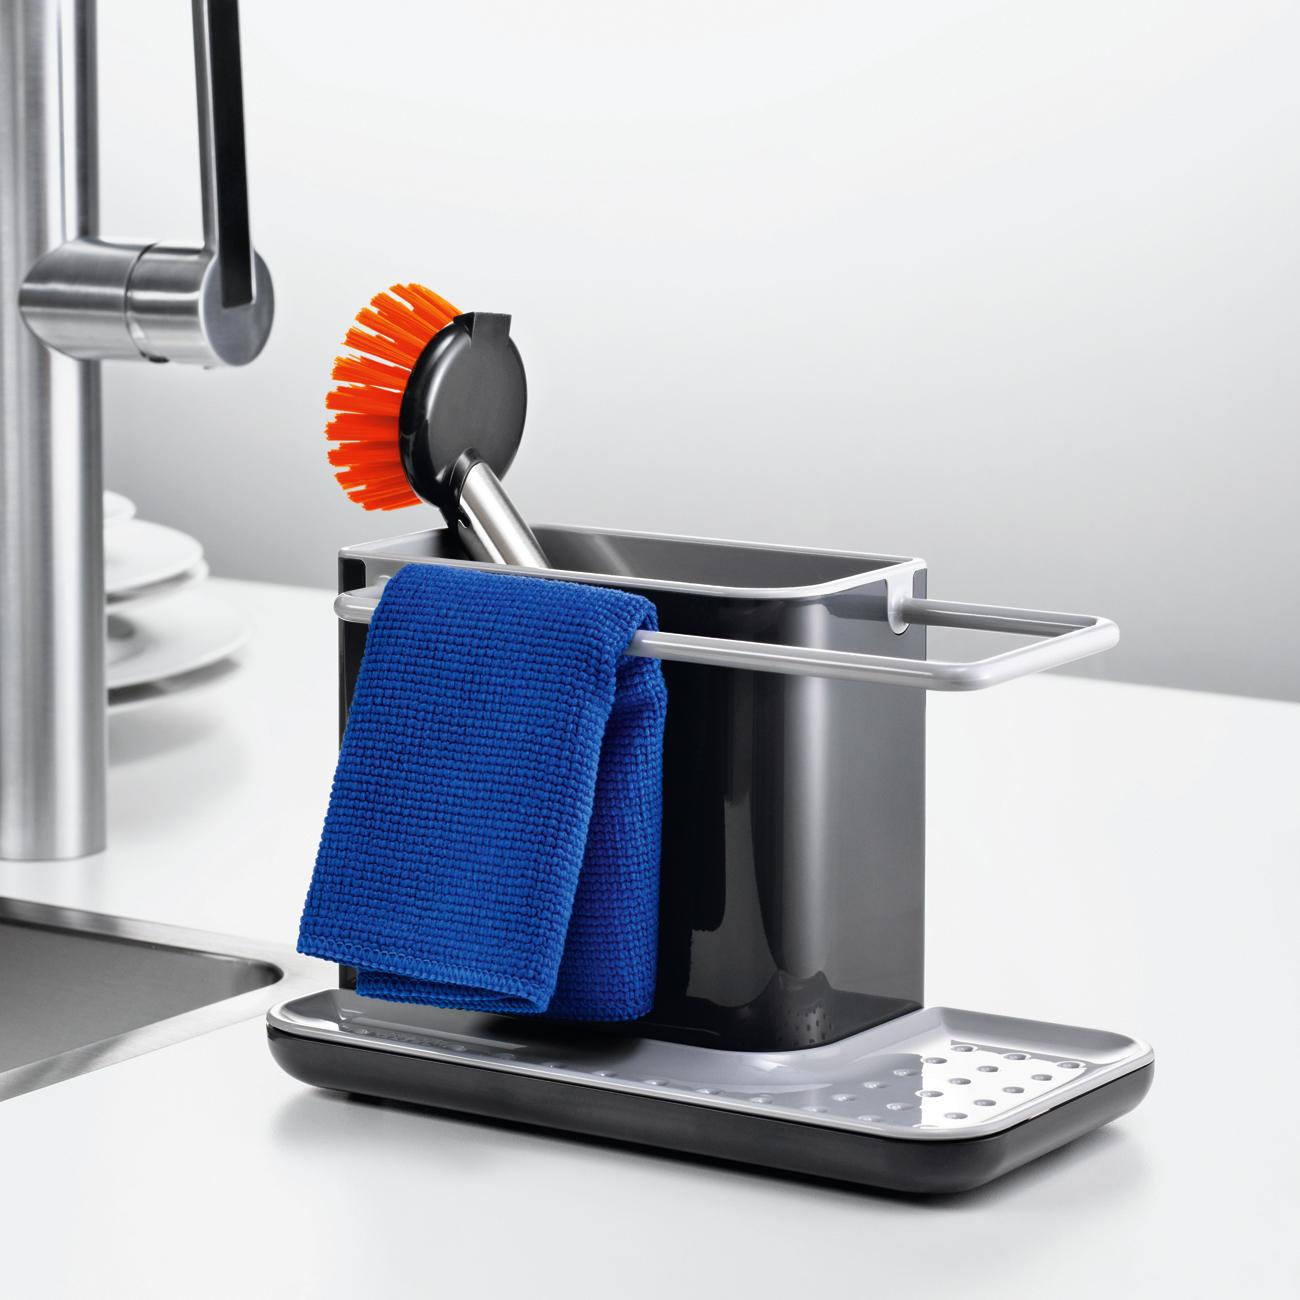 Aufbewahrungsbehälter Küche mit tolle ideen für ihr haus design ideen